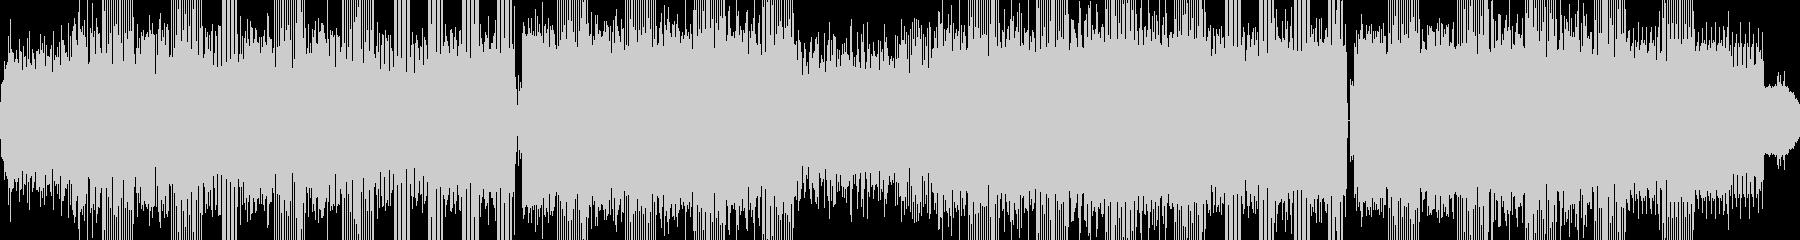 無機質なテクノサウンドの未再生の波形